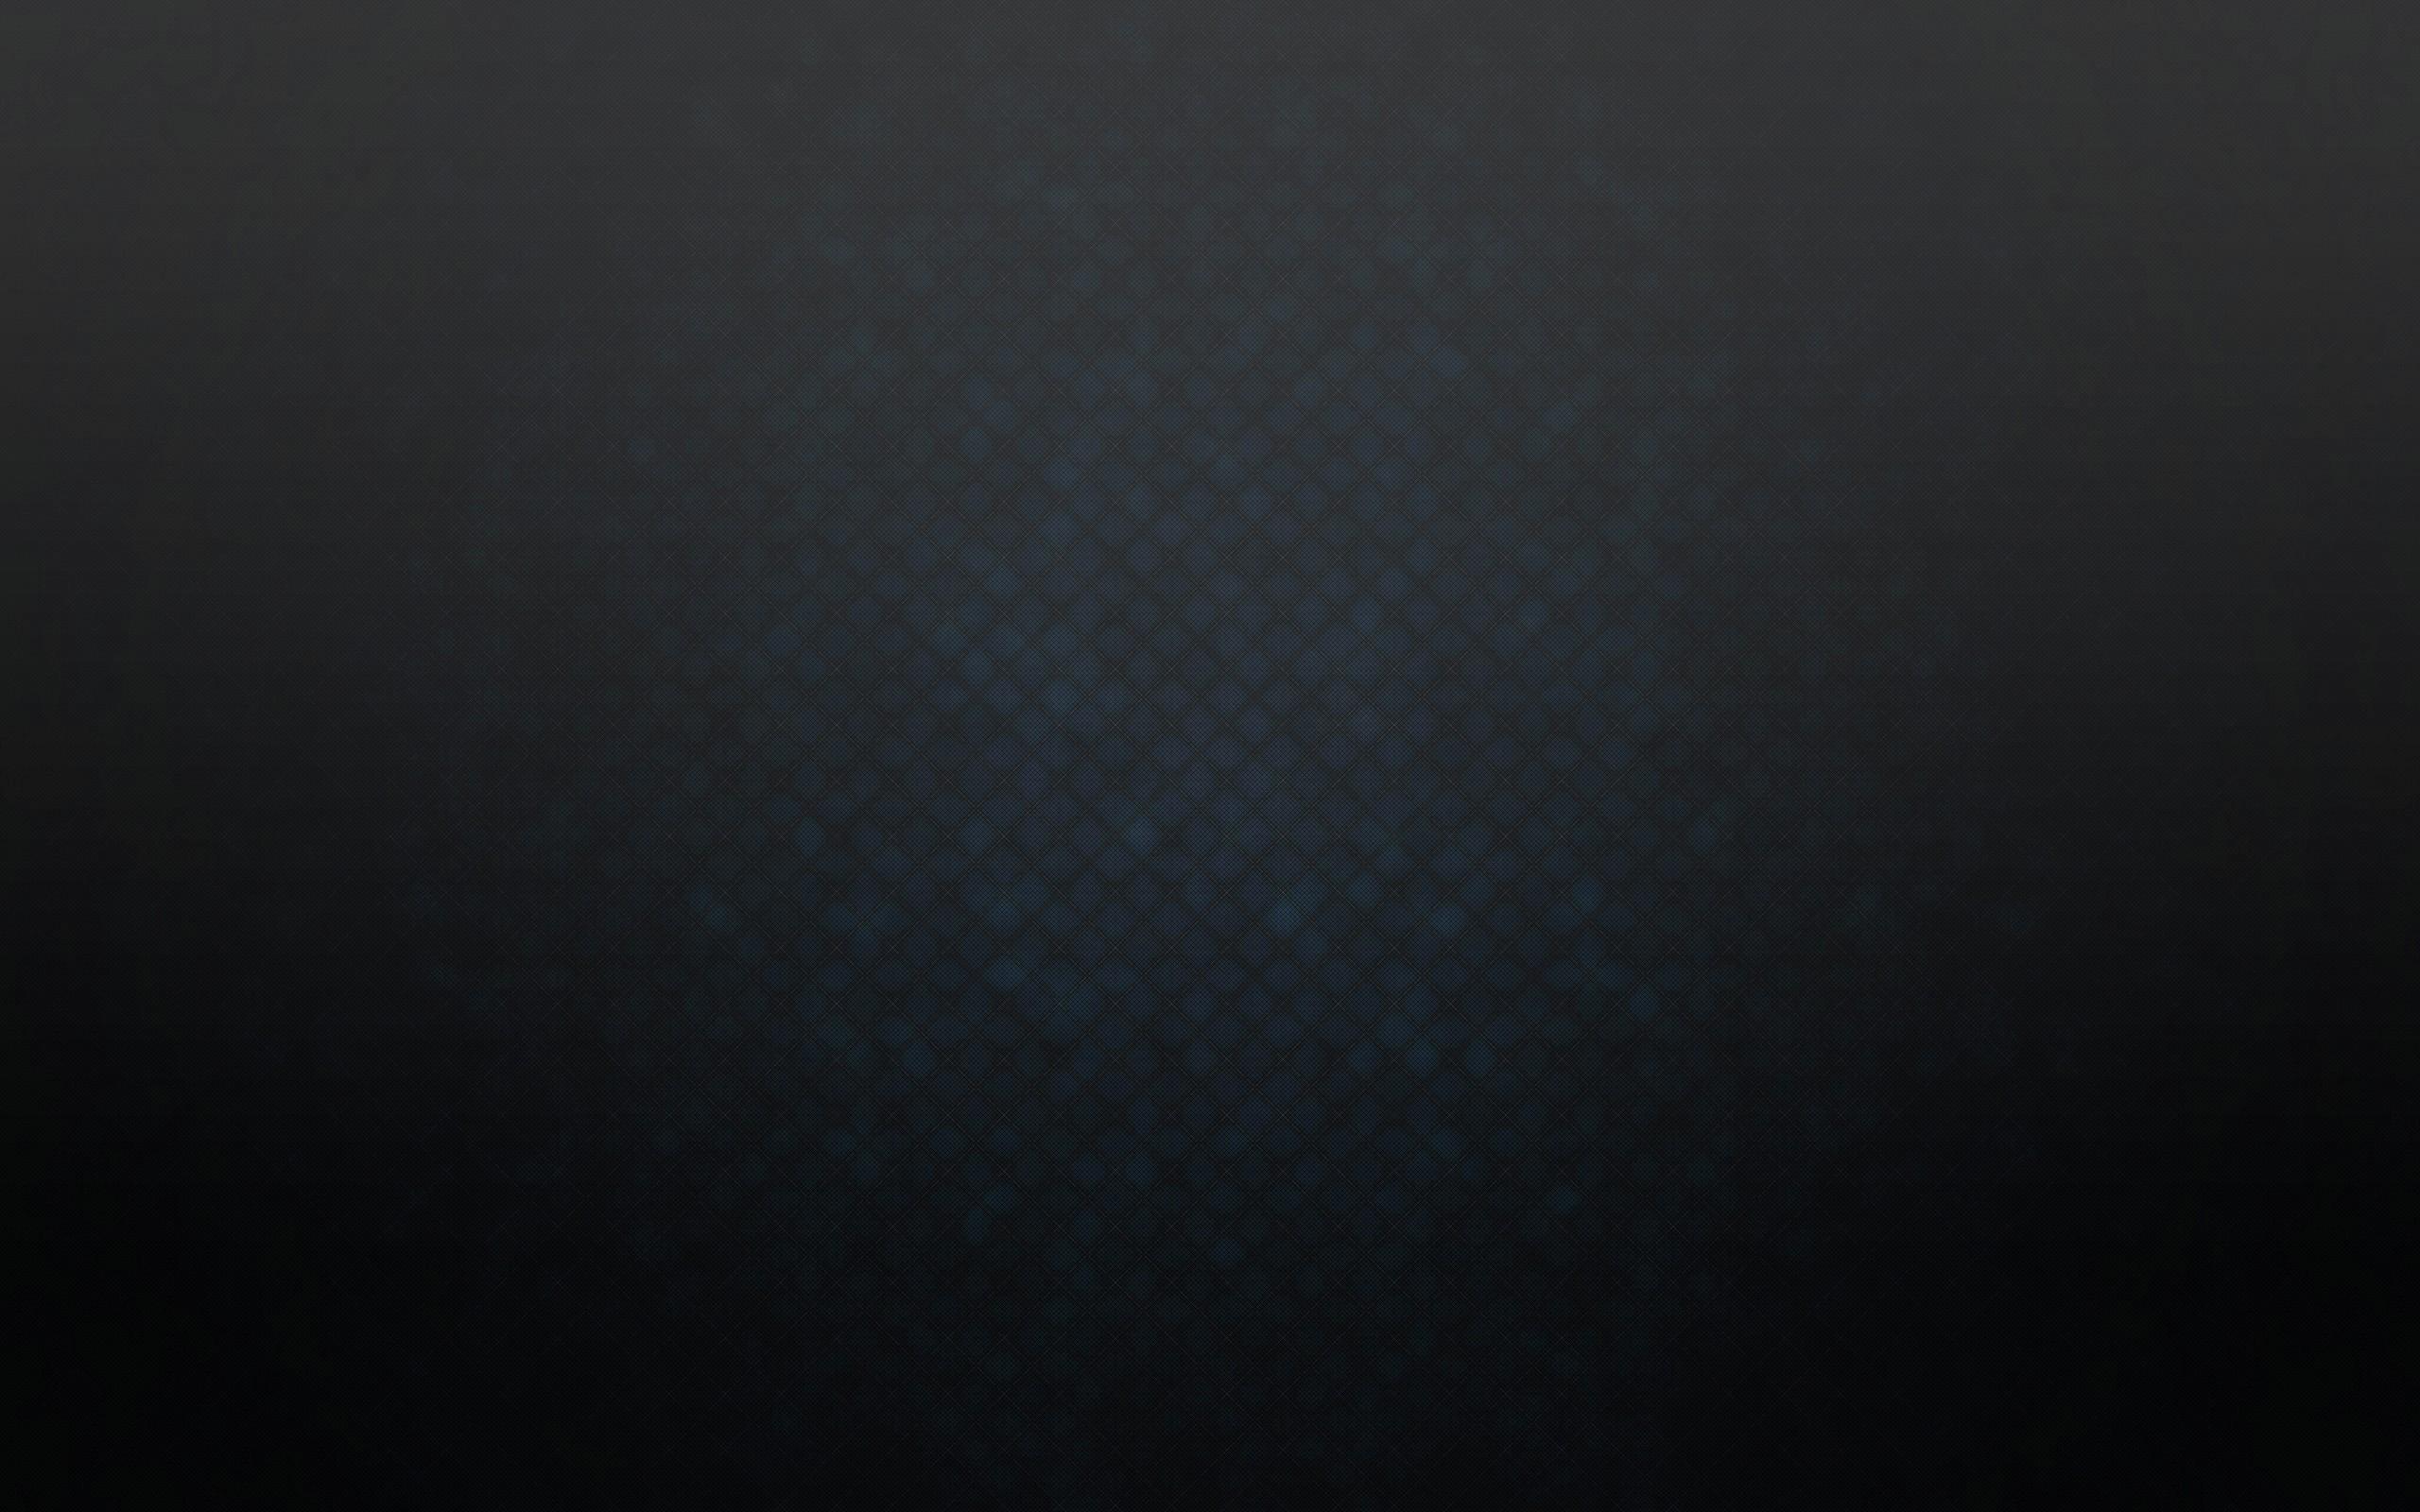 배경 화면 : 어두운, 무늬, 조직, 짙은 회색